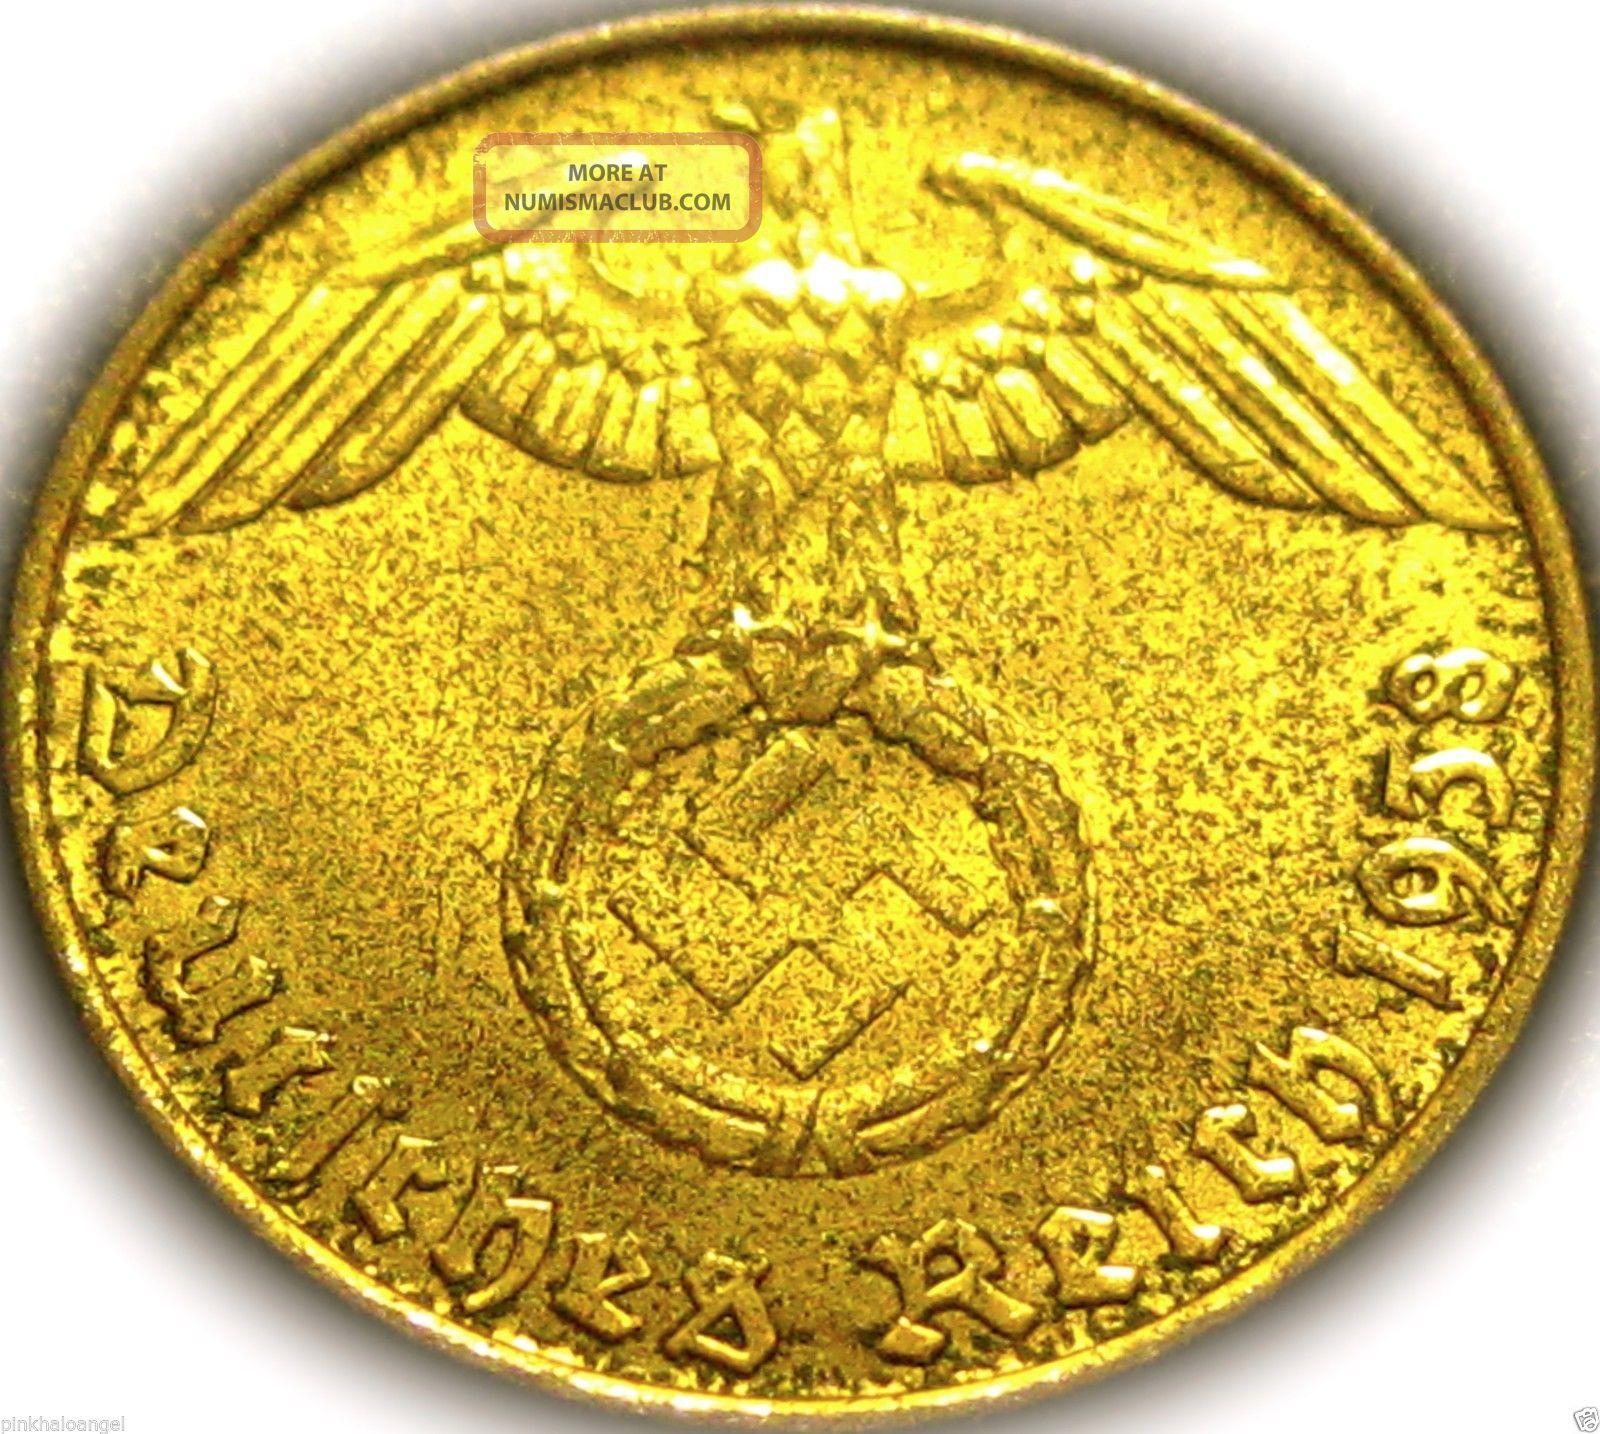 German 3rd Reich 1938E Gold Colored 10 Reichspfennig Coin